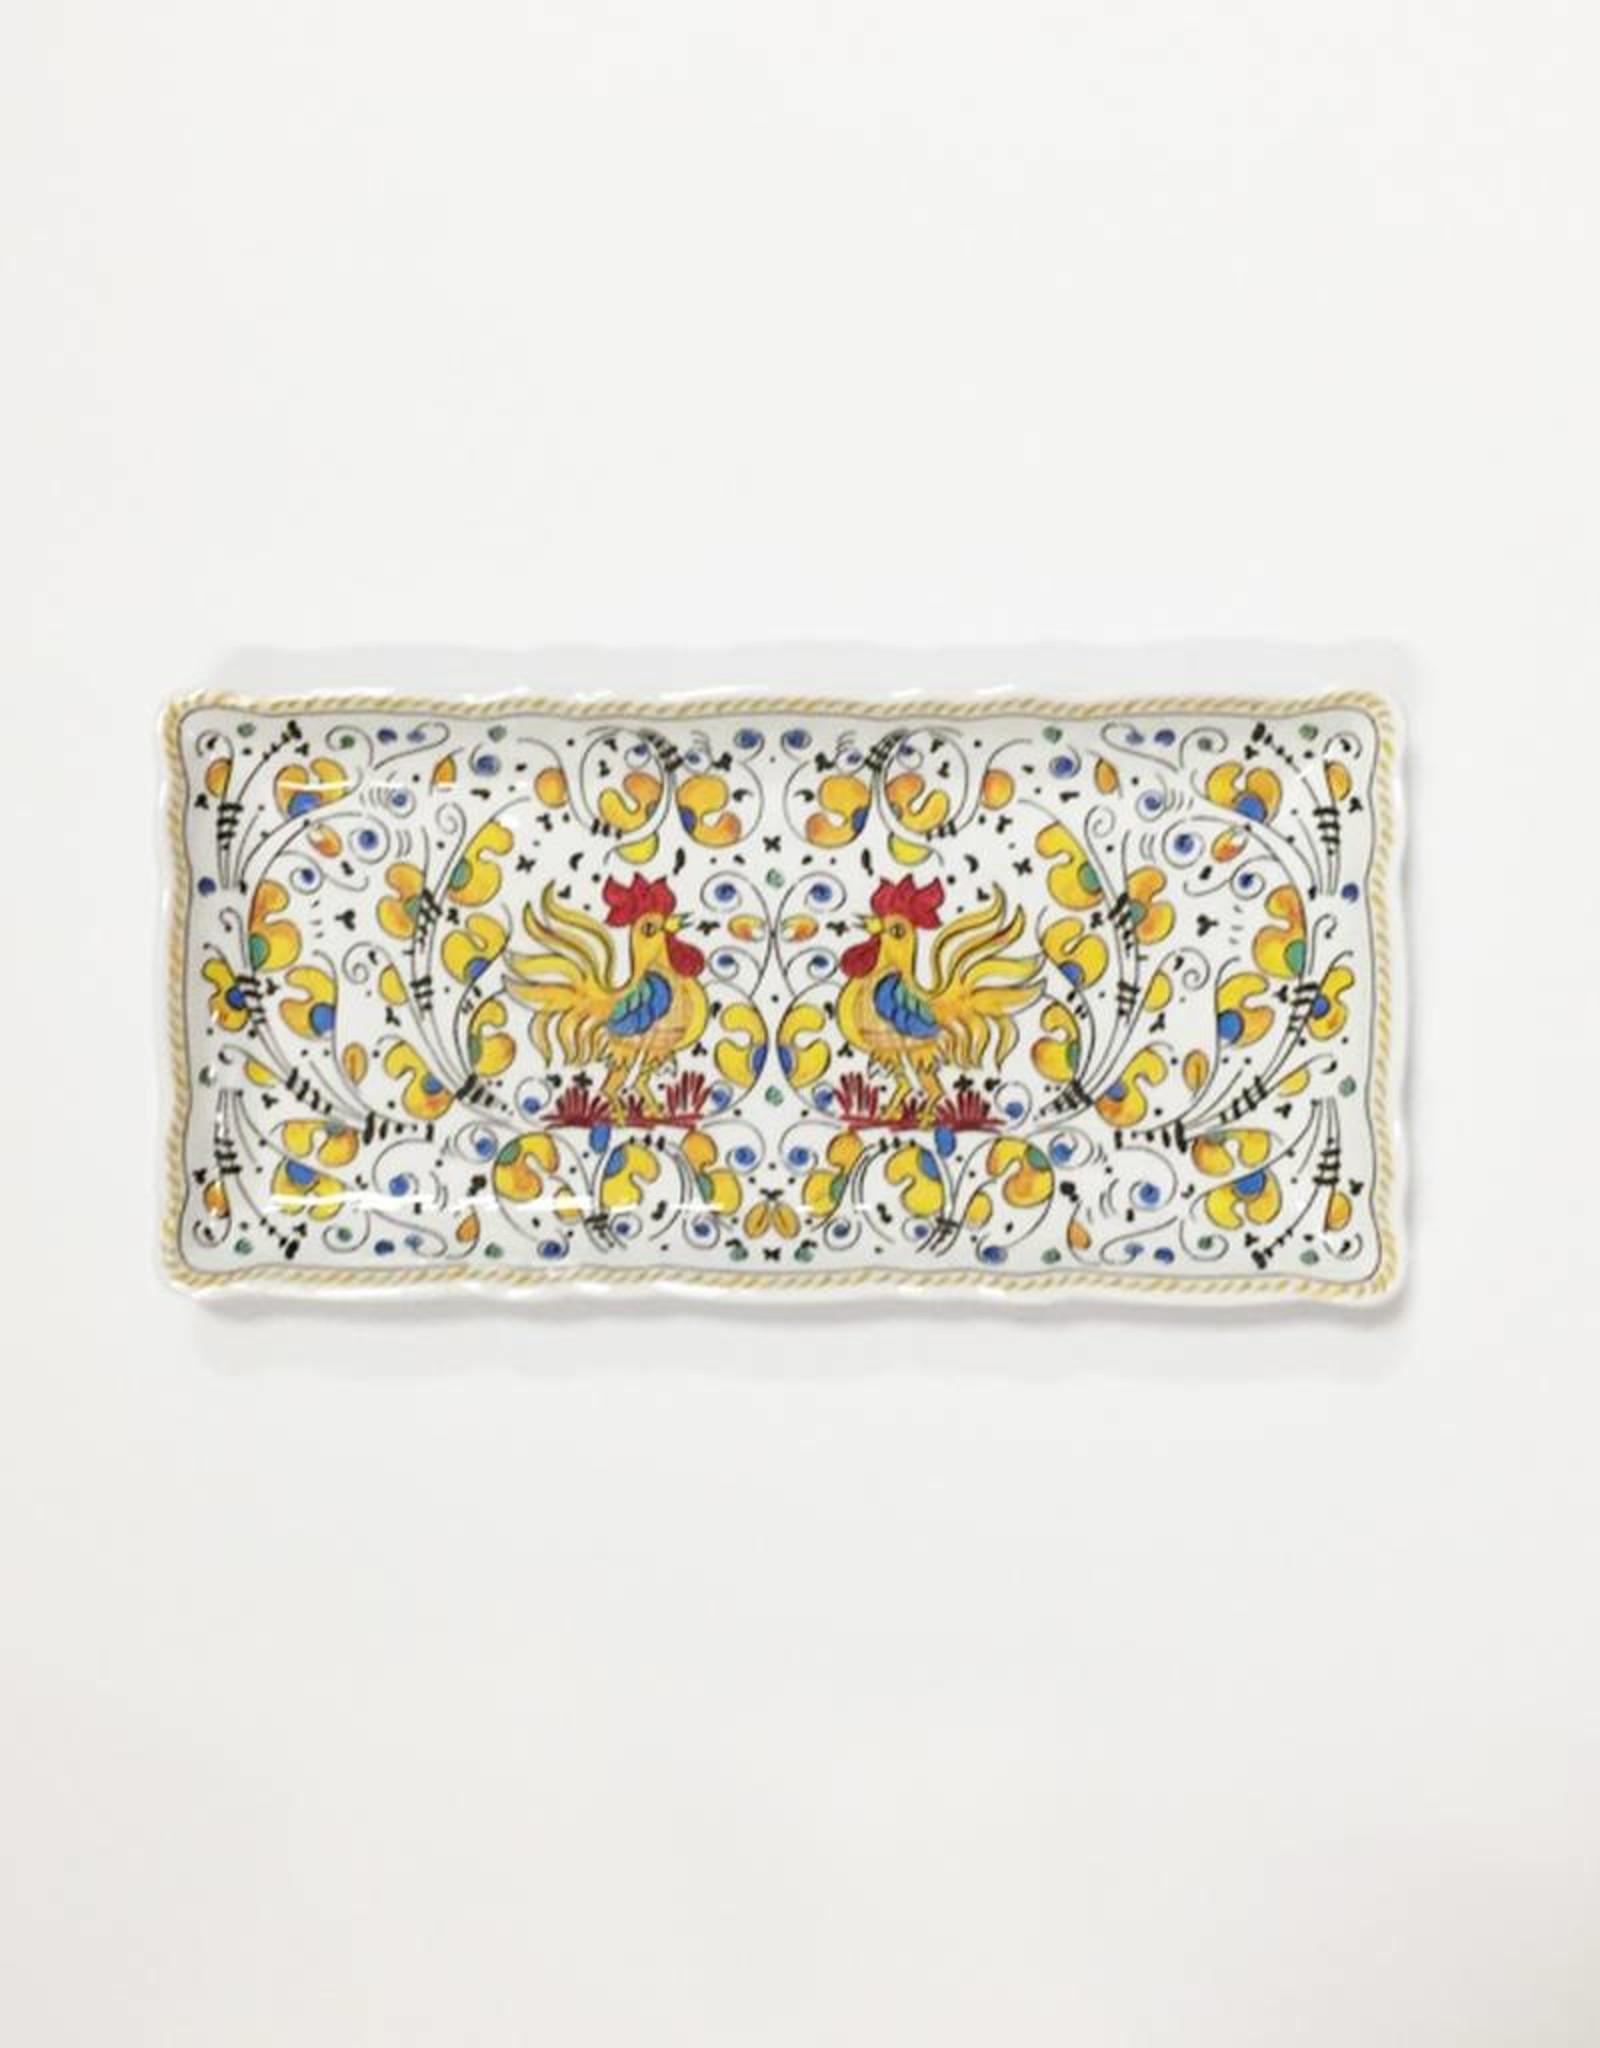 Le Cadeaux Le Cadeaux Rooster Biscuit Tray (Yellow)